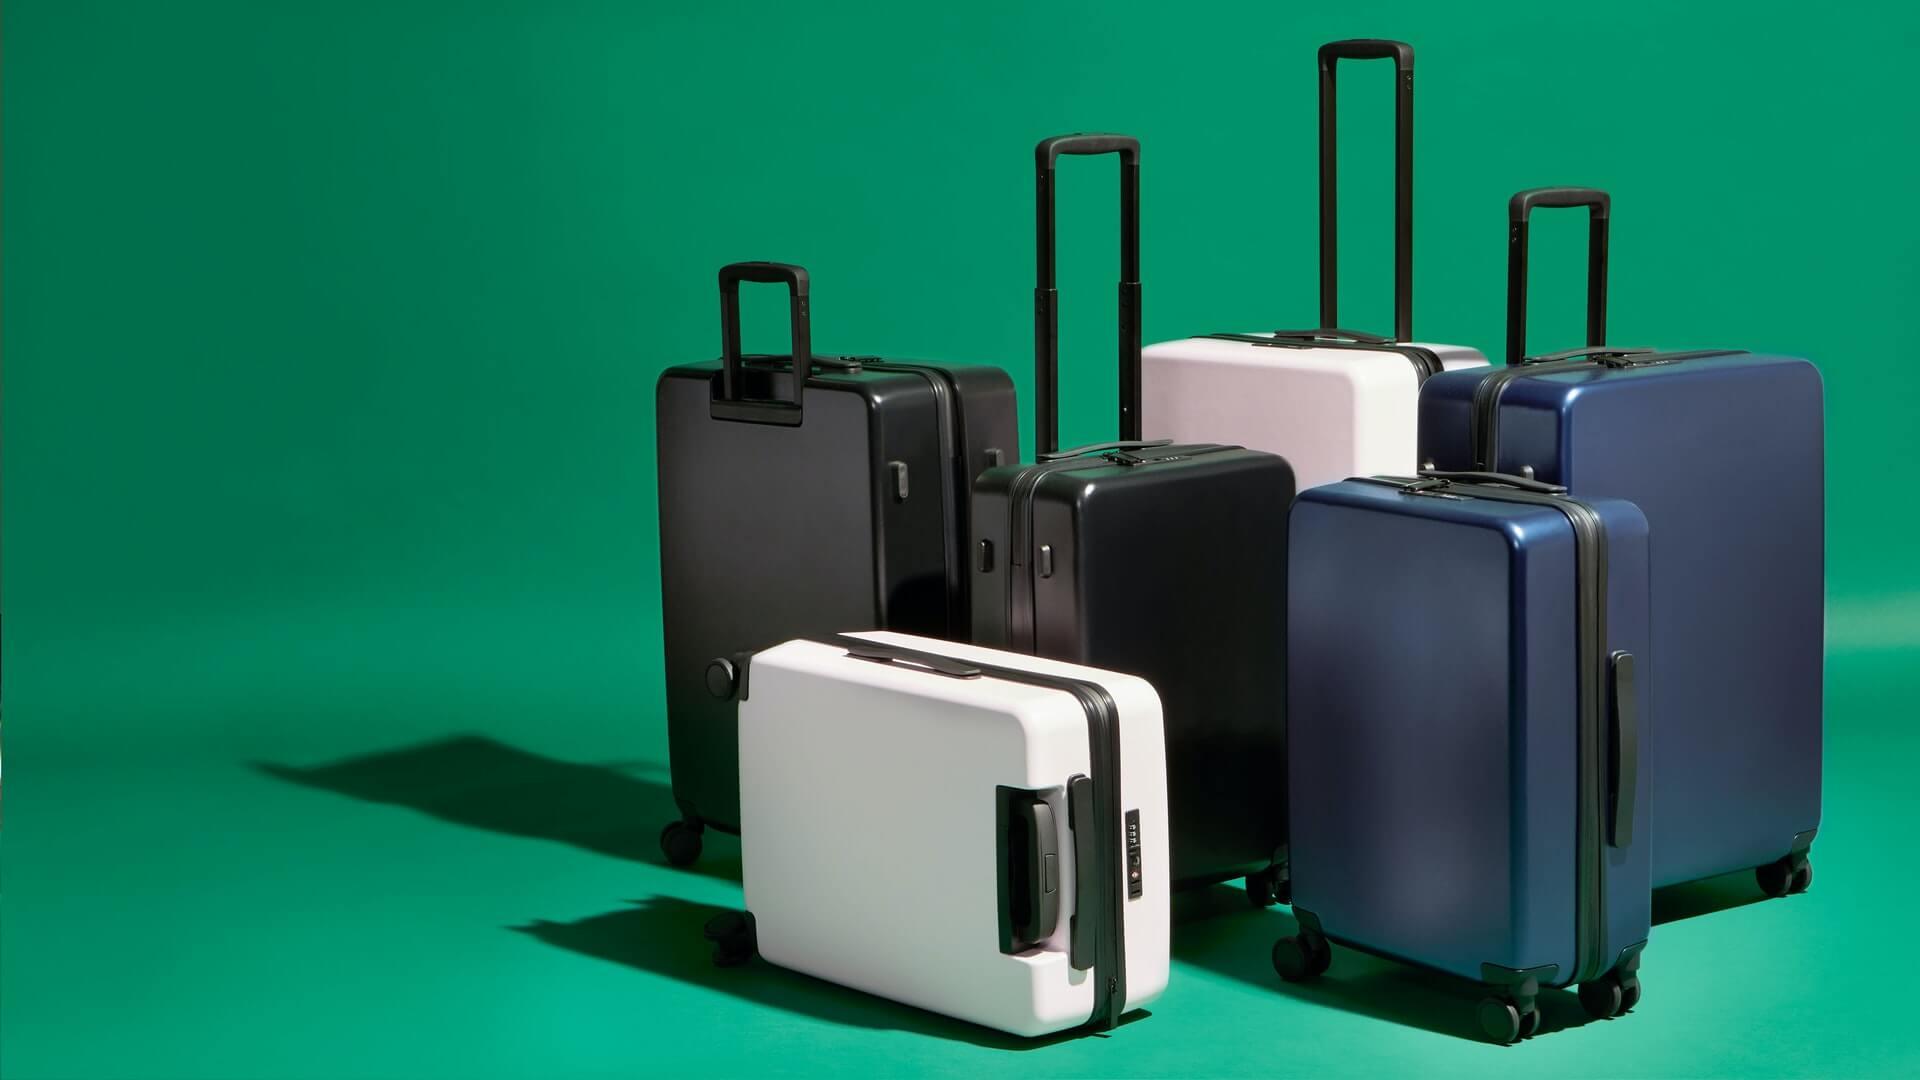 【1週間入院】入院経験者の看護師がスーツケースとキャリーケースの大きさを解説!